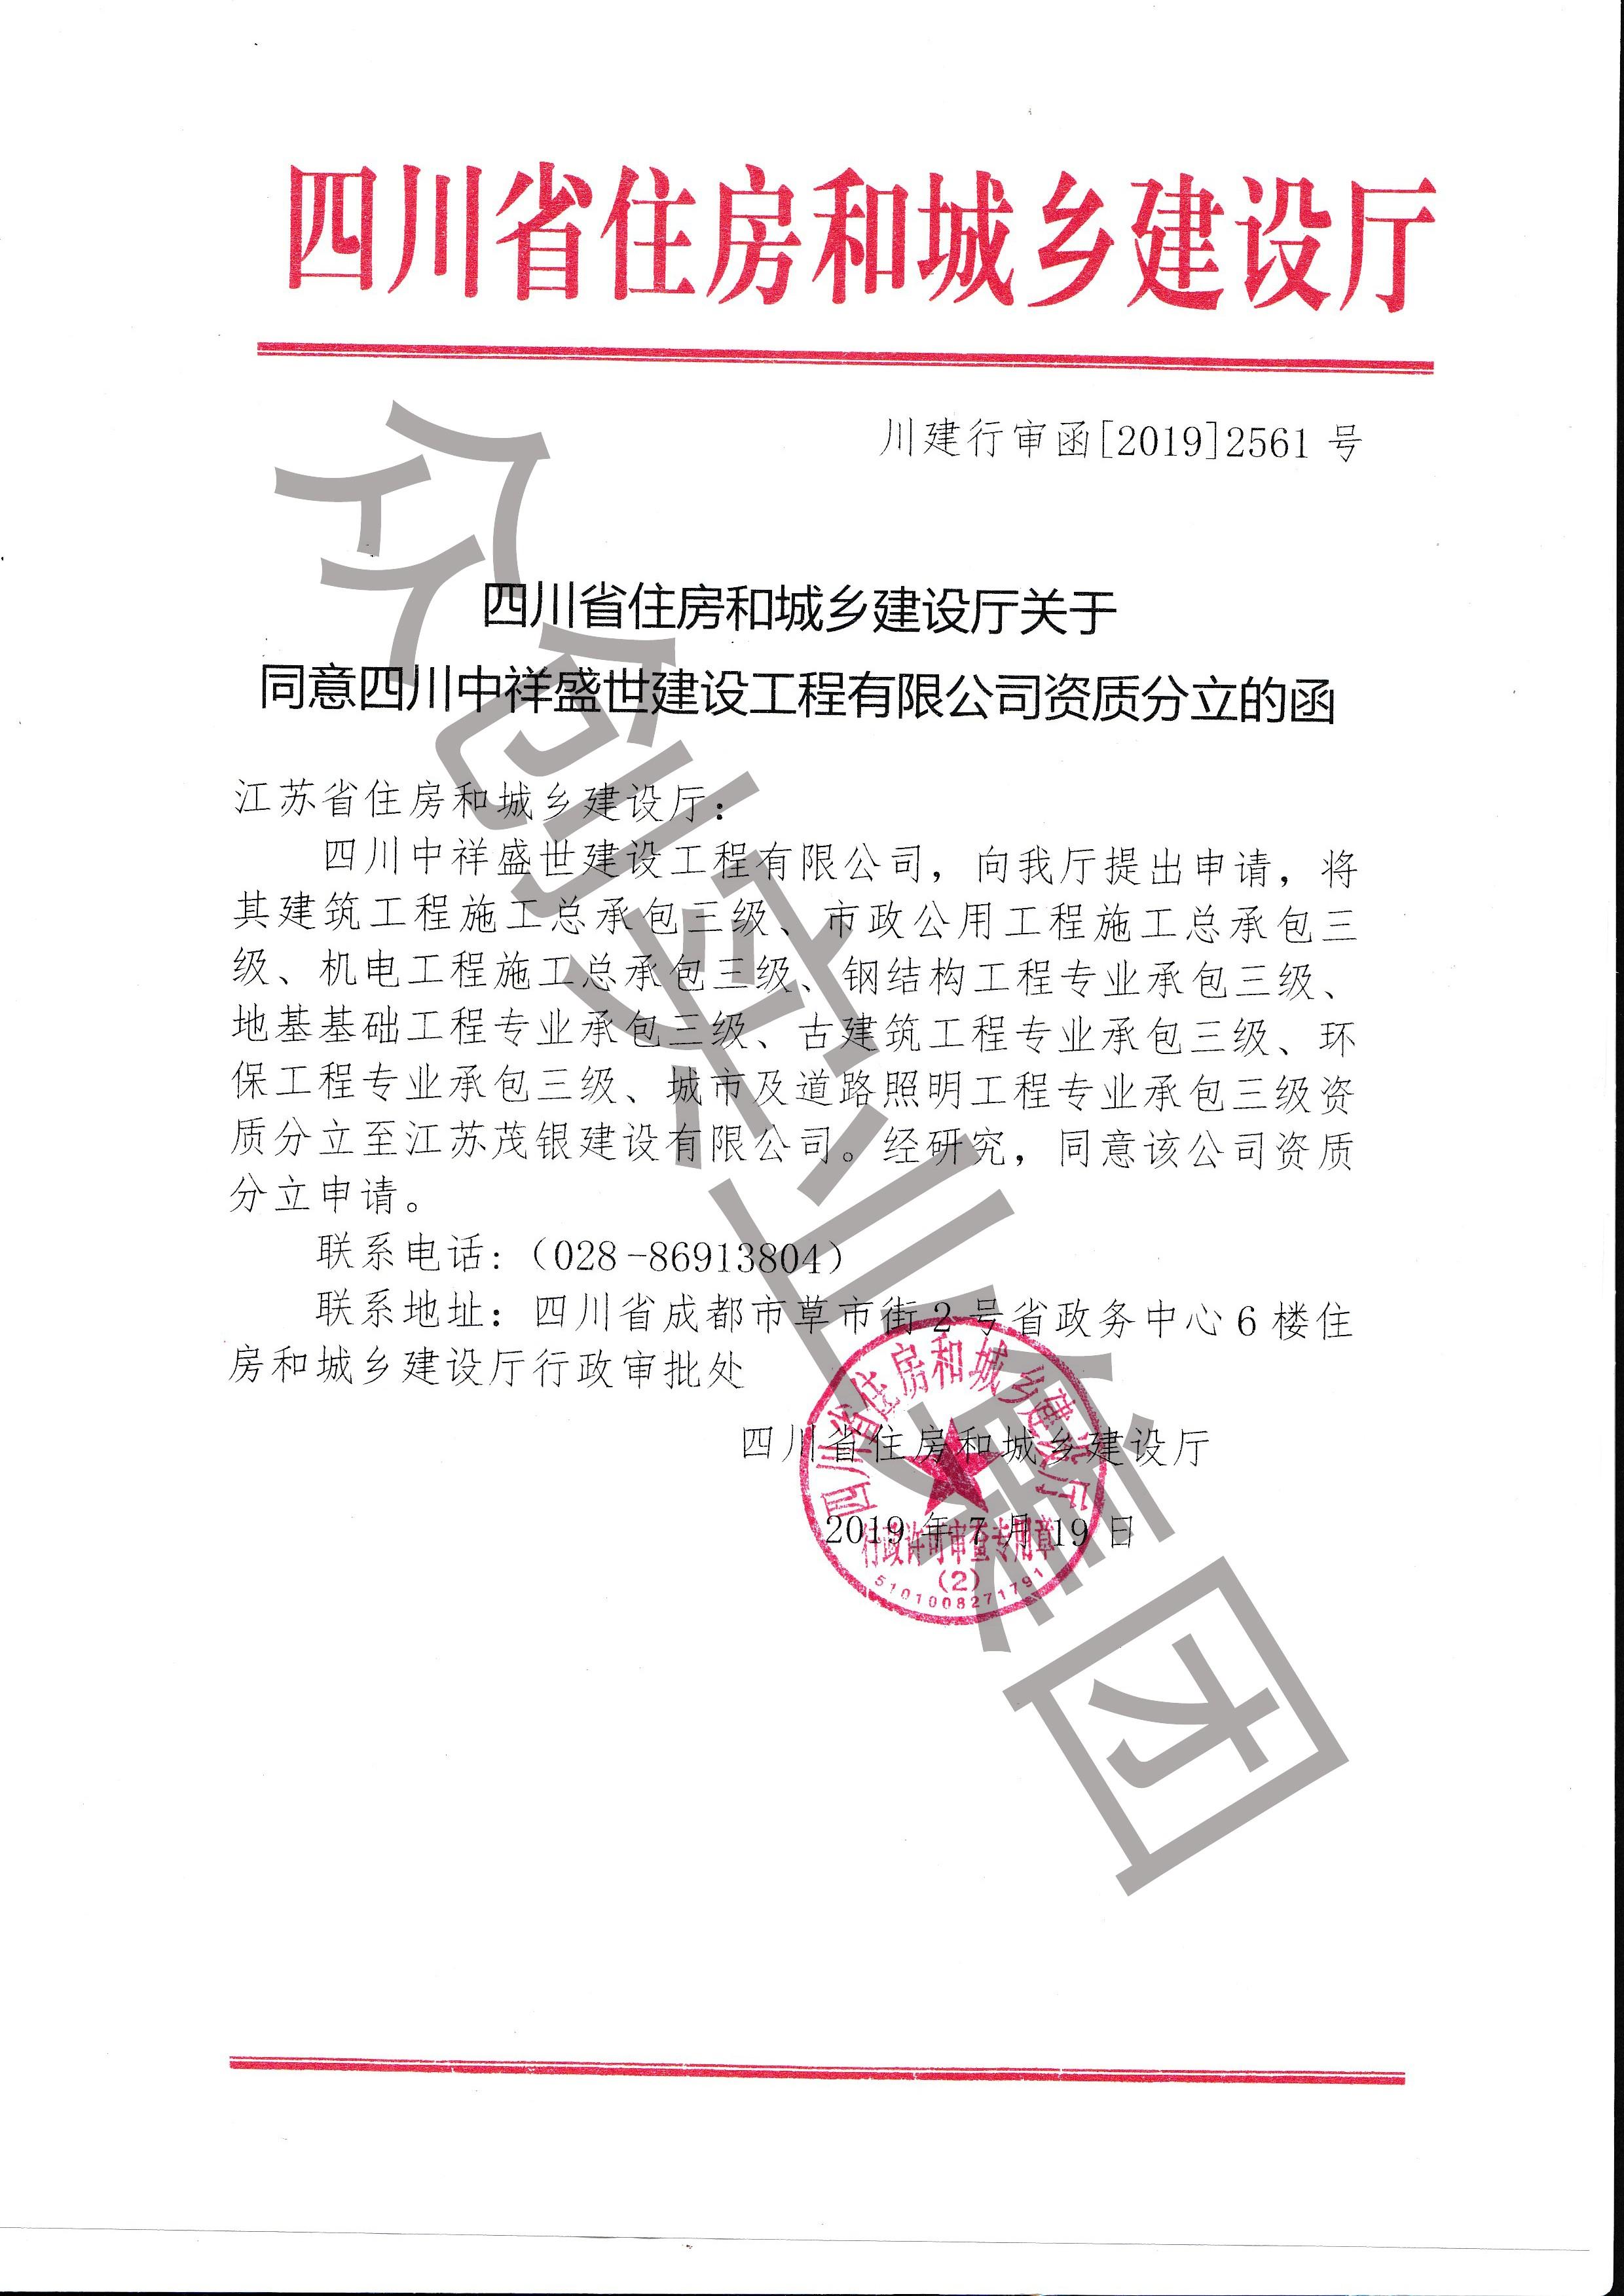 三总+五专成功分离至江苏